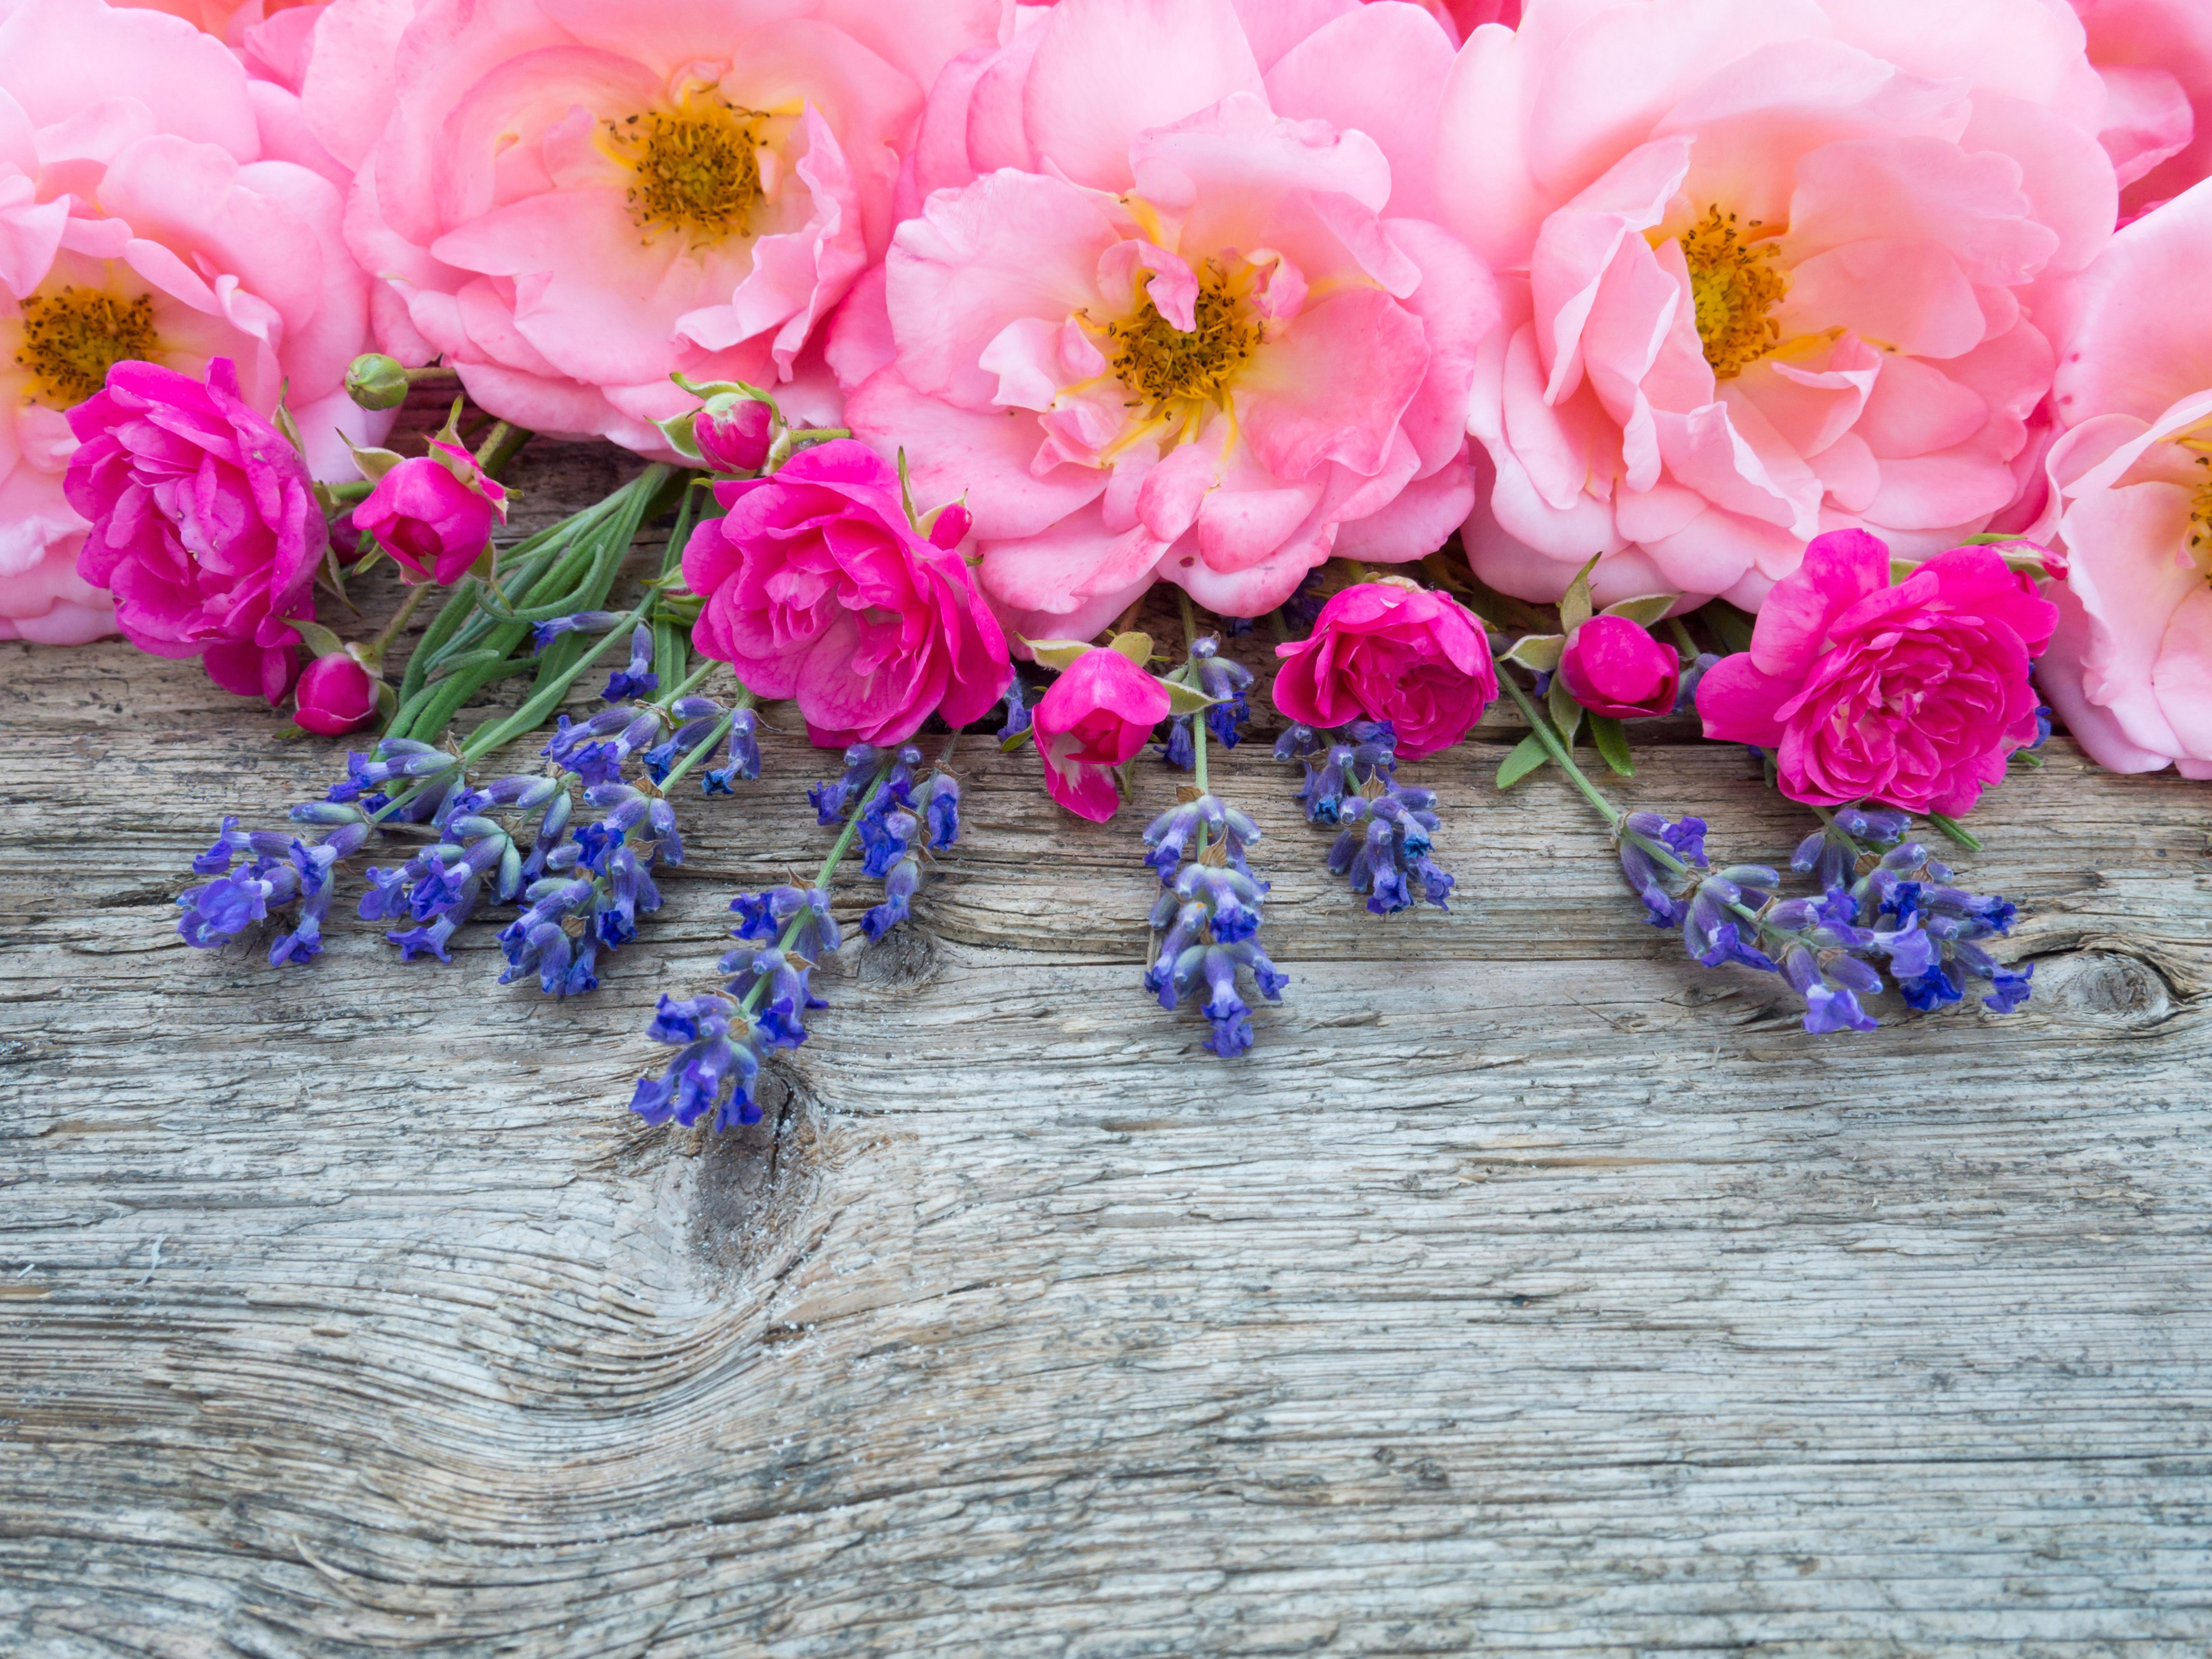 Поздравляю с днем рождения цветы фото